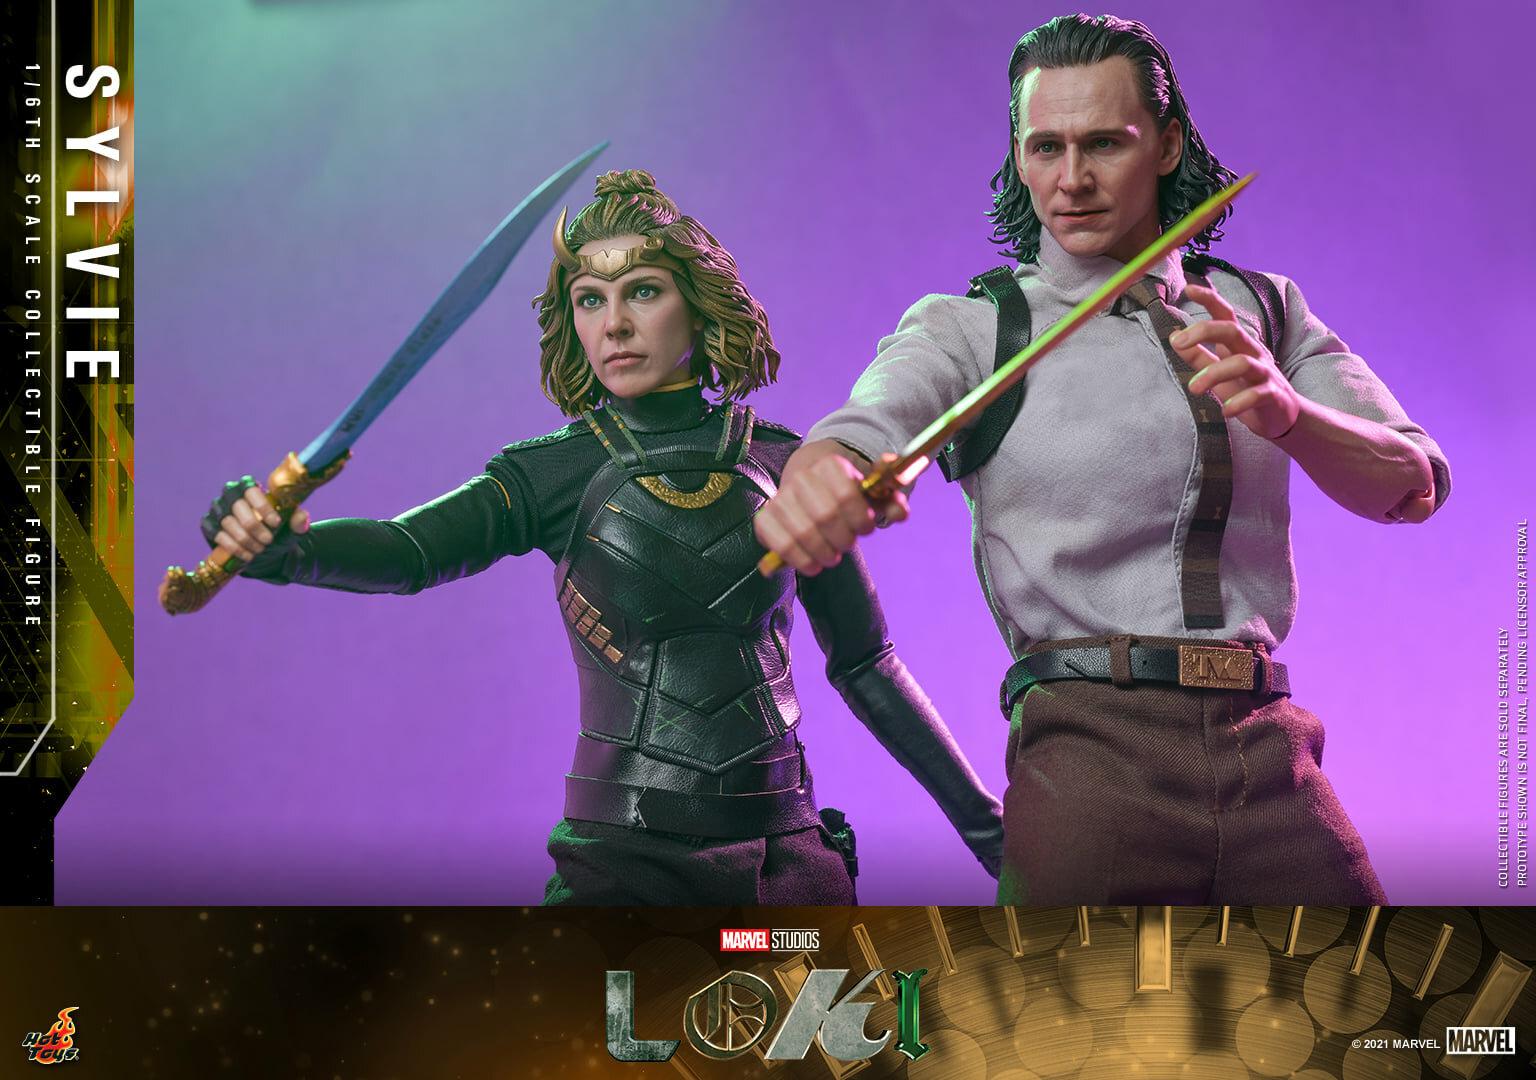 Hot-Toys-Sylvie-Loki-10.jpg.9a2d62d627f83617b9f00f3a6fca4bb1.jpg